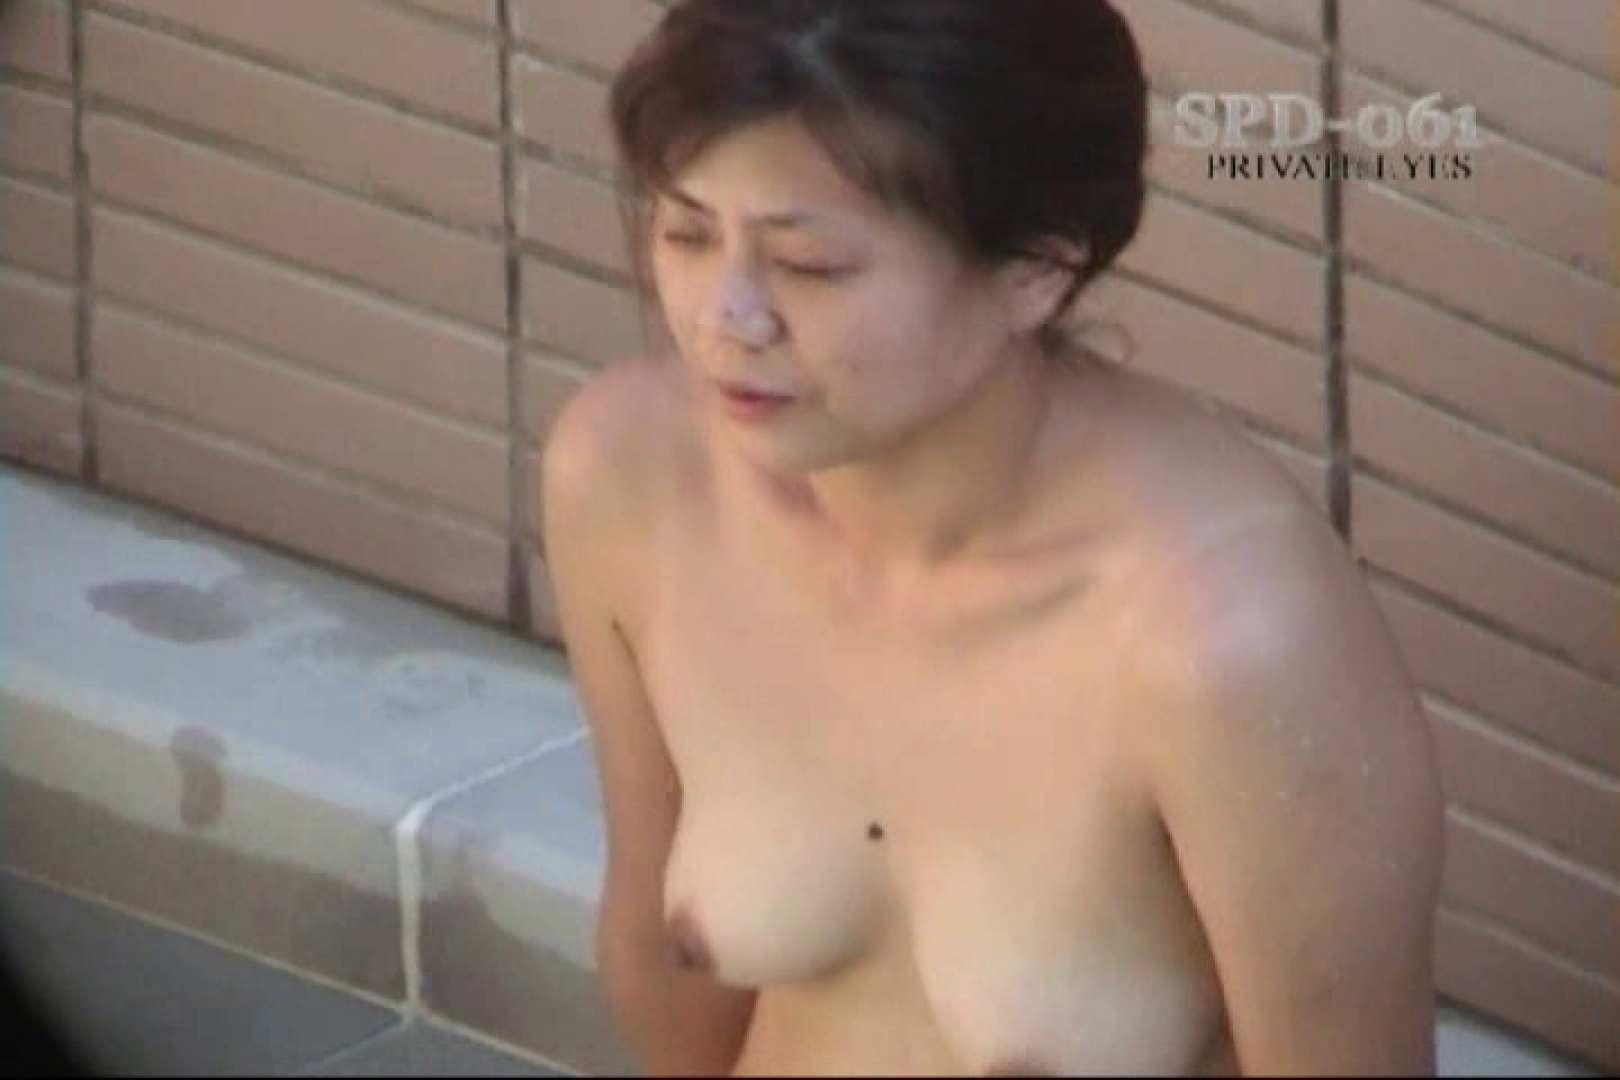 高画質版!SPD-061 新・露天浴場 8 人妻編 プライベート  87Pix 67